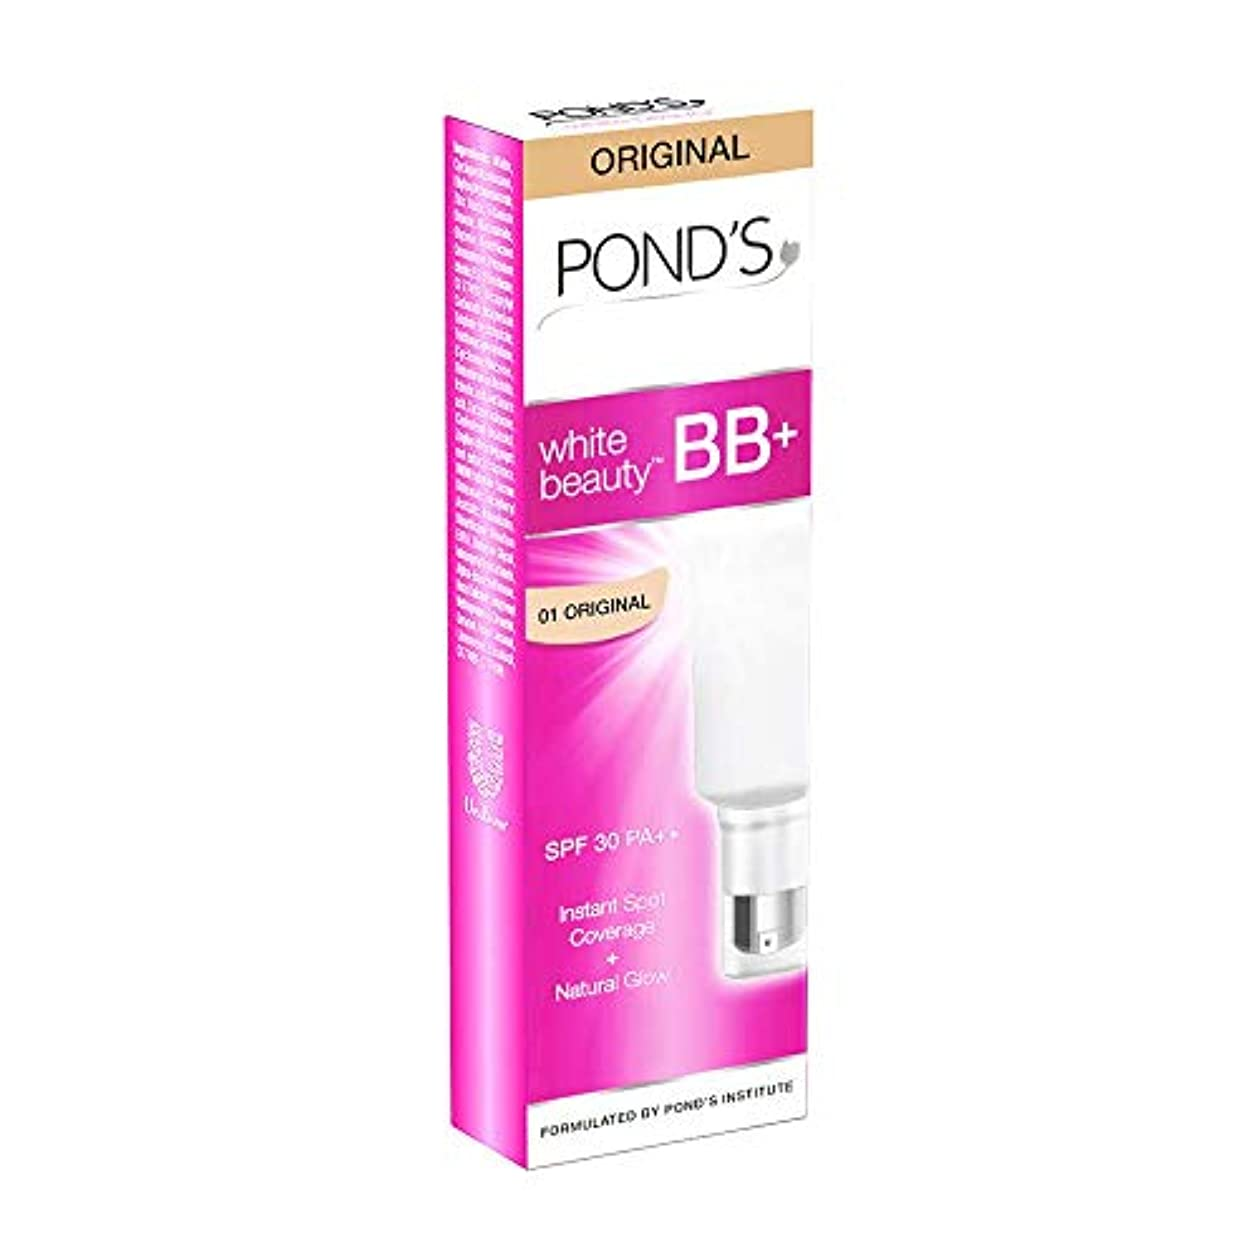 姿を消すスタイルディンカルビルPOND'S White Beauty All-in-One BB+ Fairness Cream SPF 30 PA++, 18g (Pack of 3)